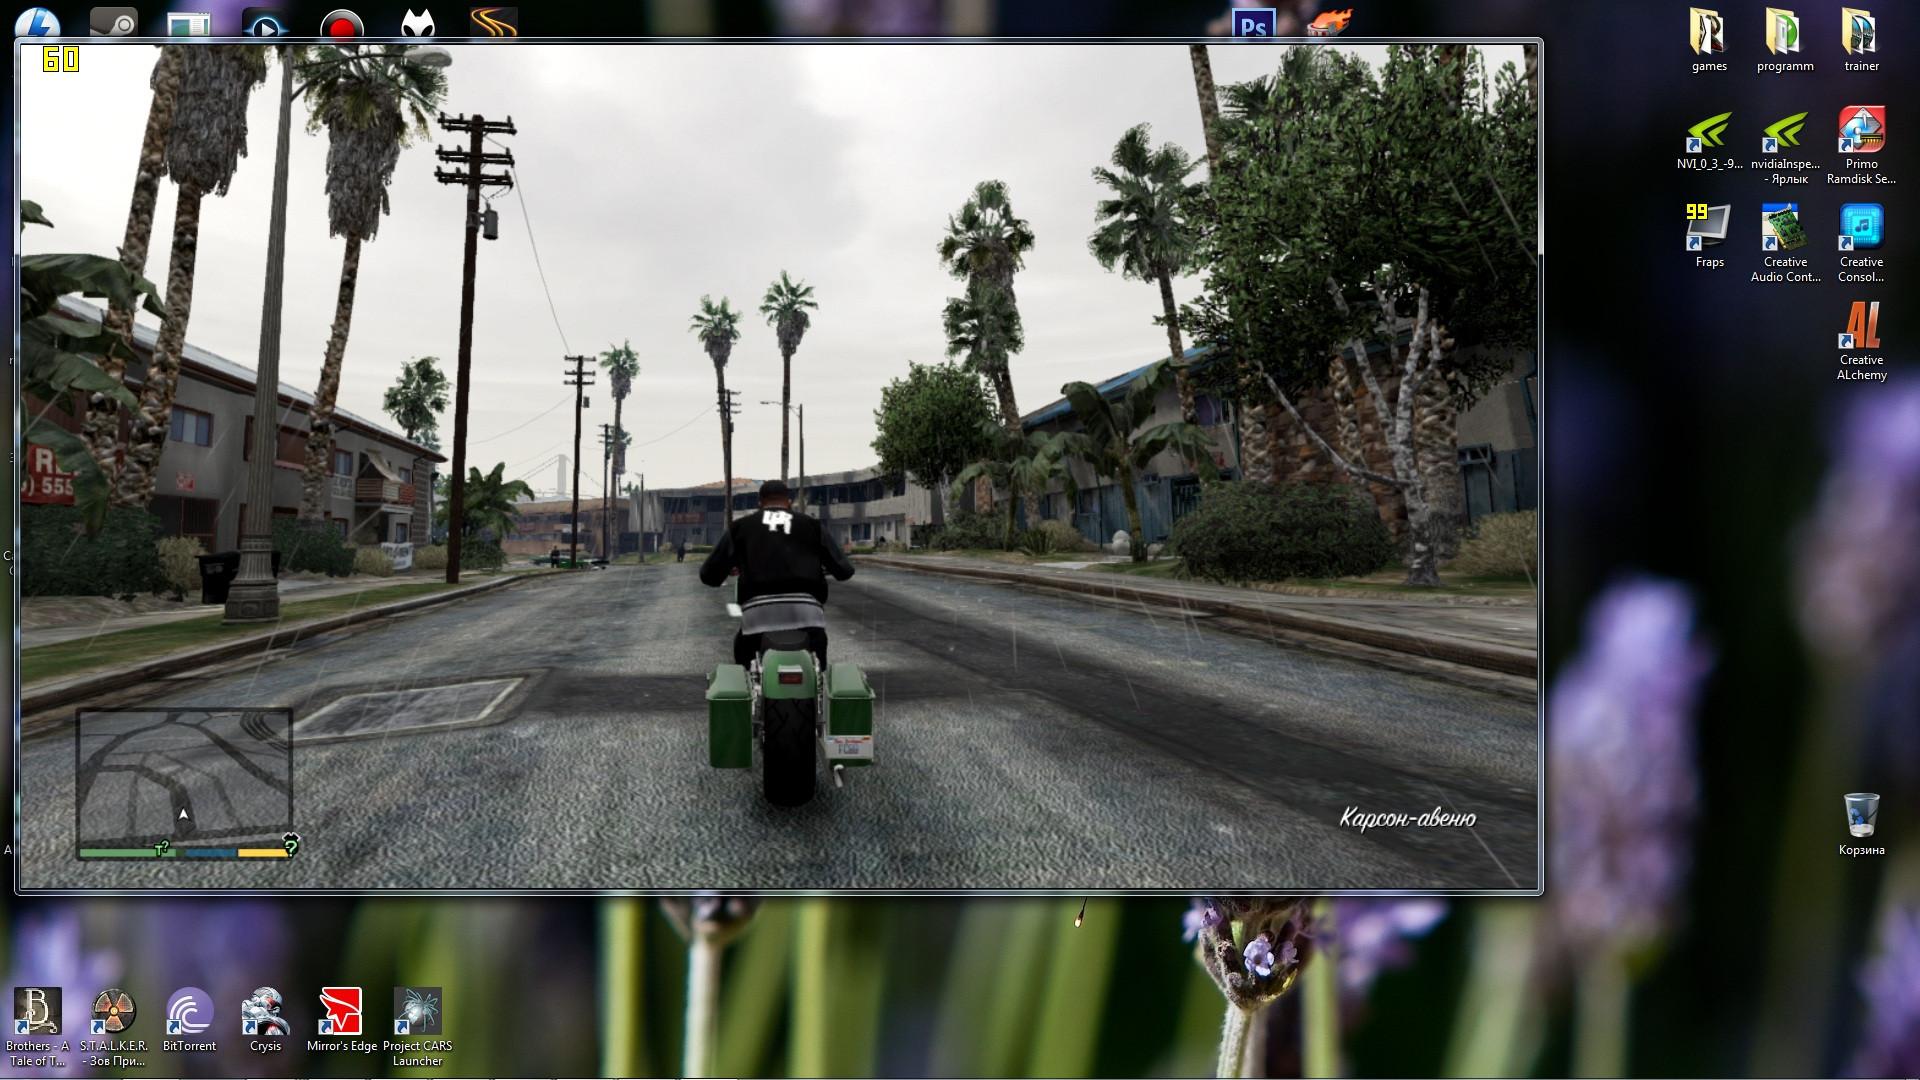 Aplikace iFruit obsahuje zmínky o PC verzi GTA V 88017